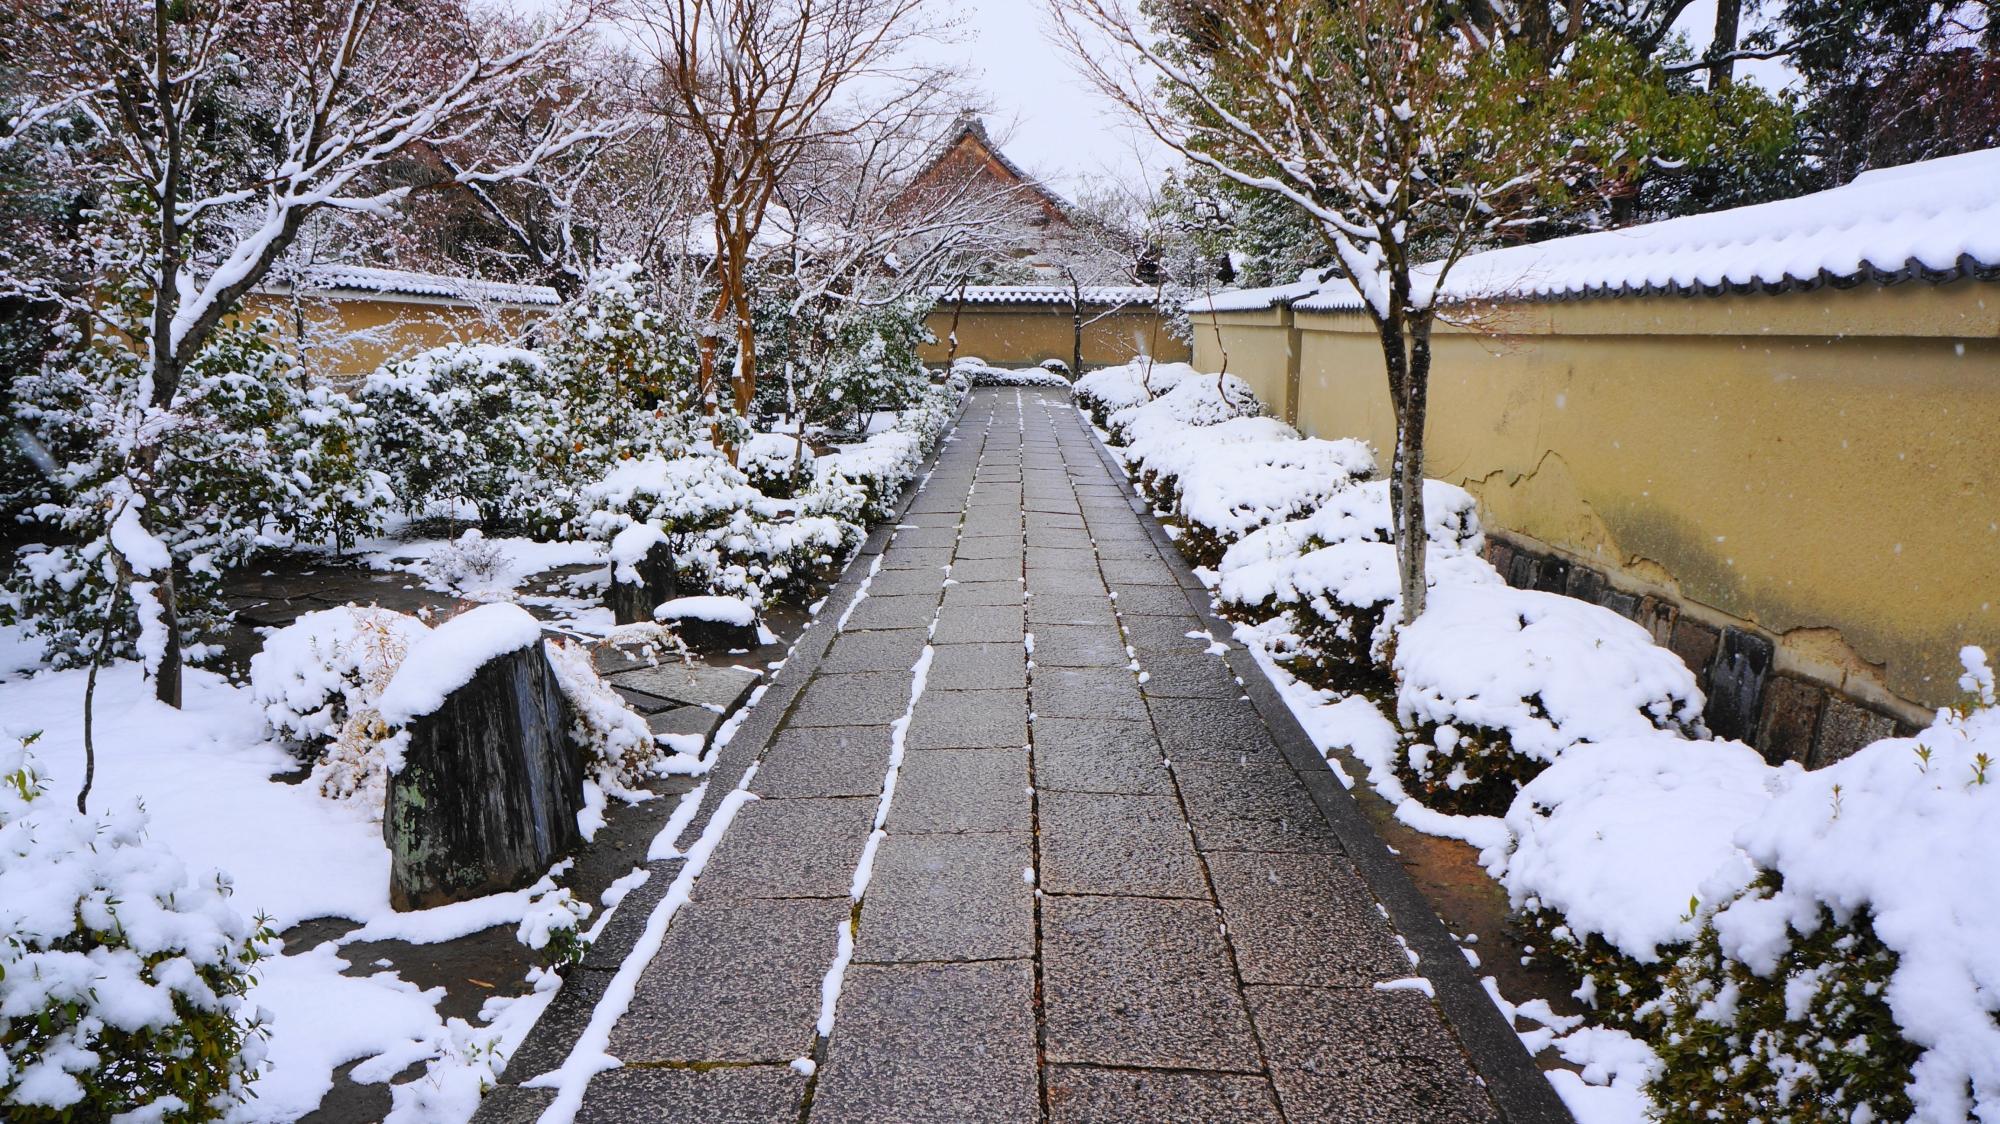 芳春院の雪につつまれた参道両脇の岩や刈り込み